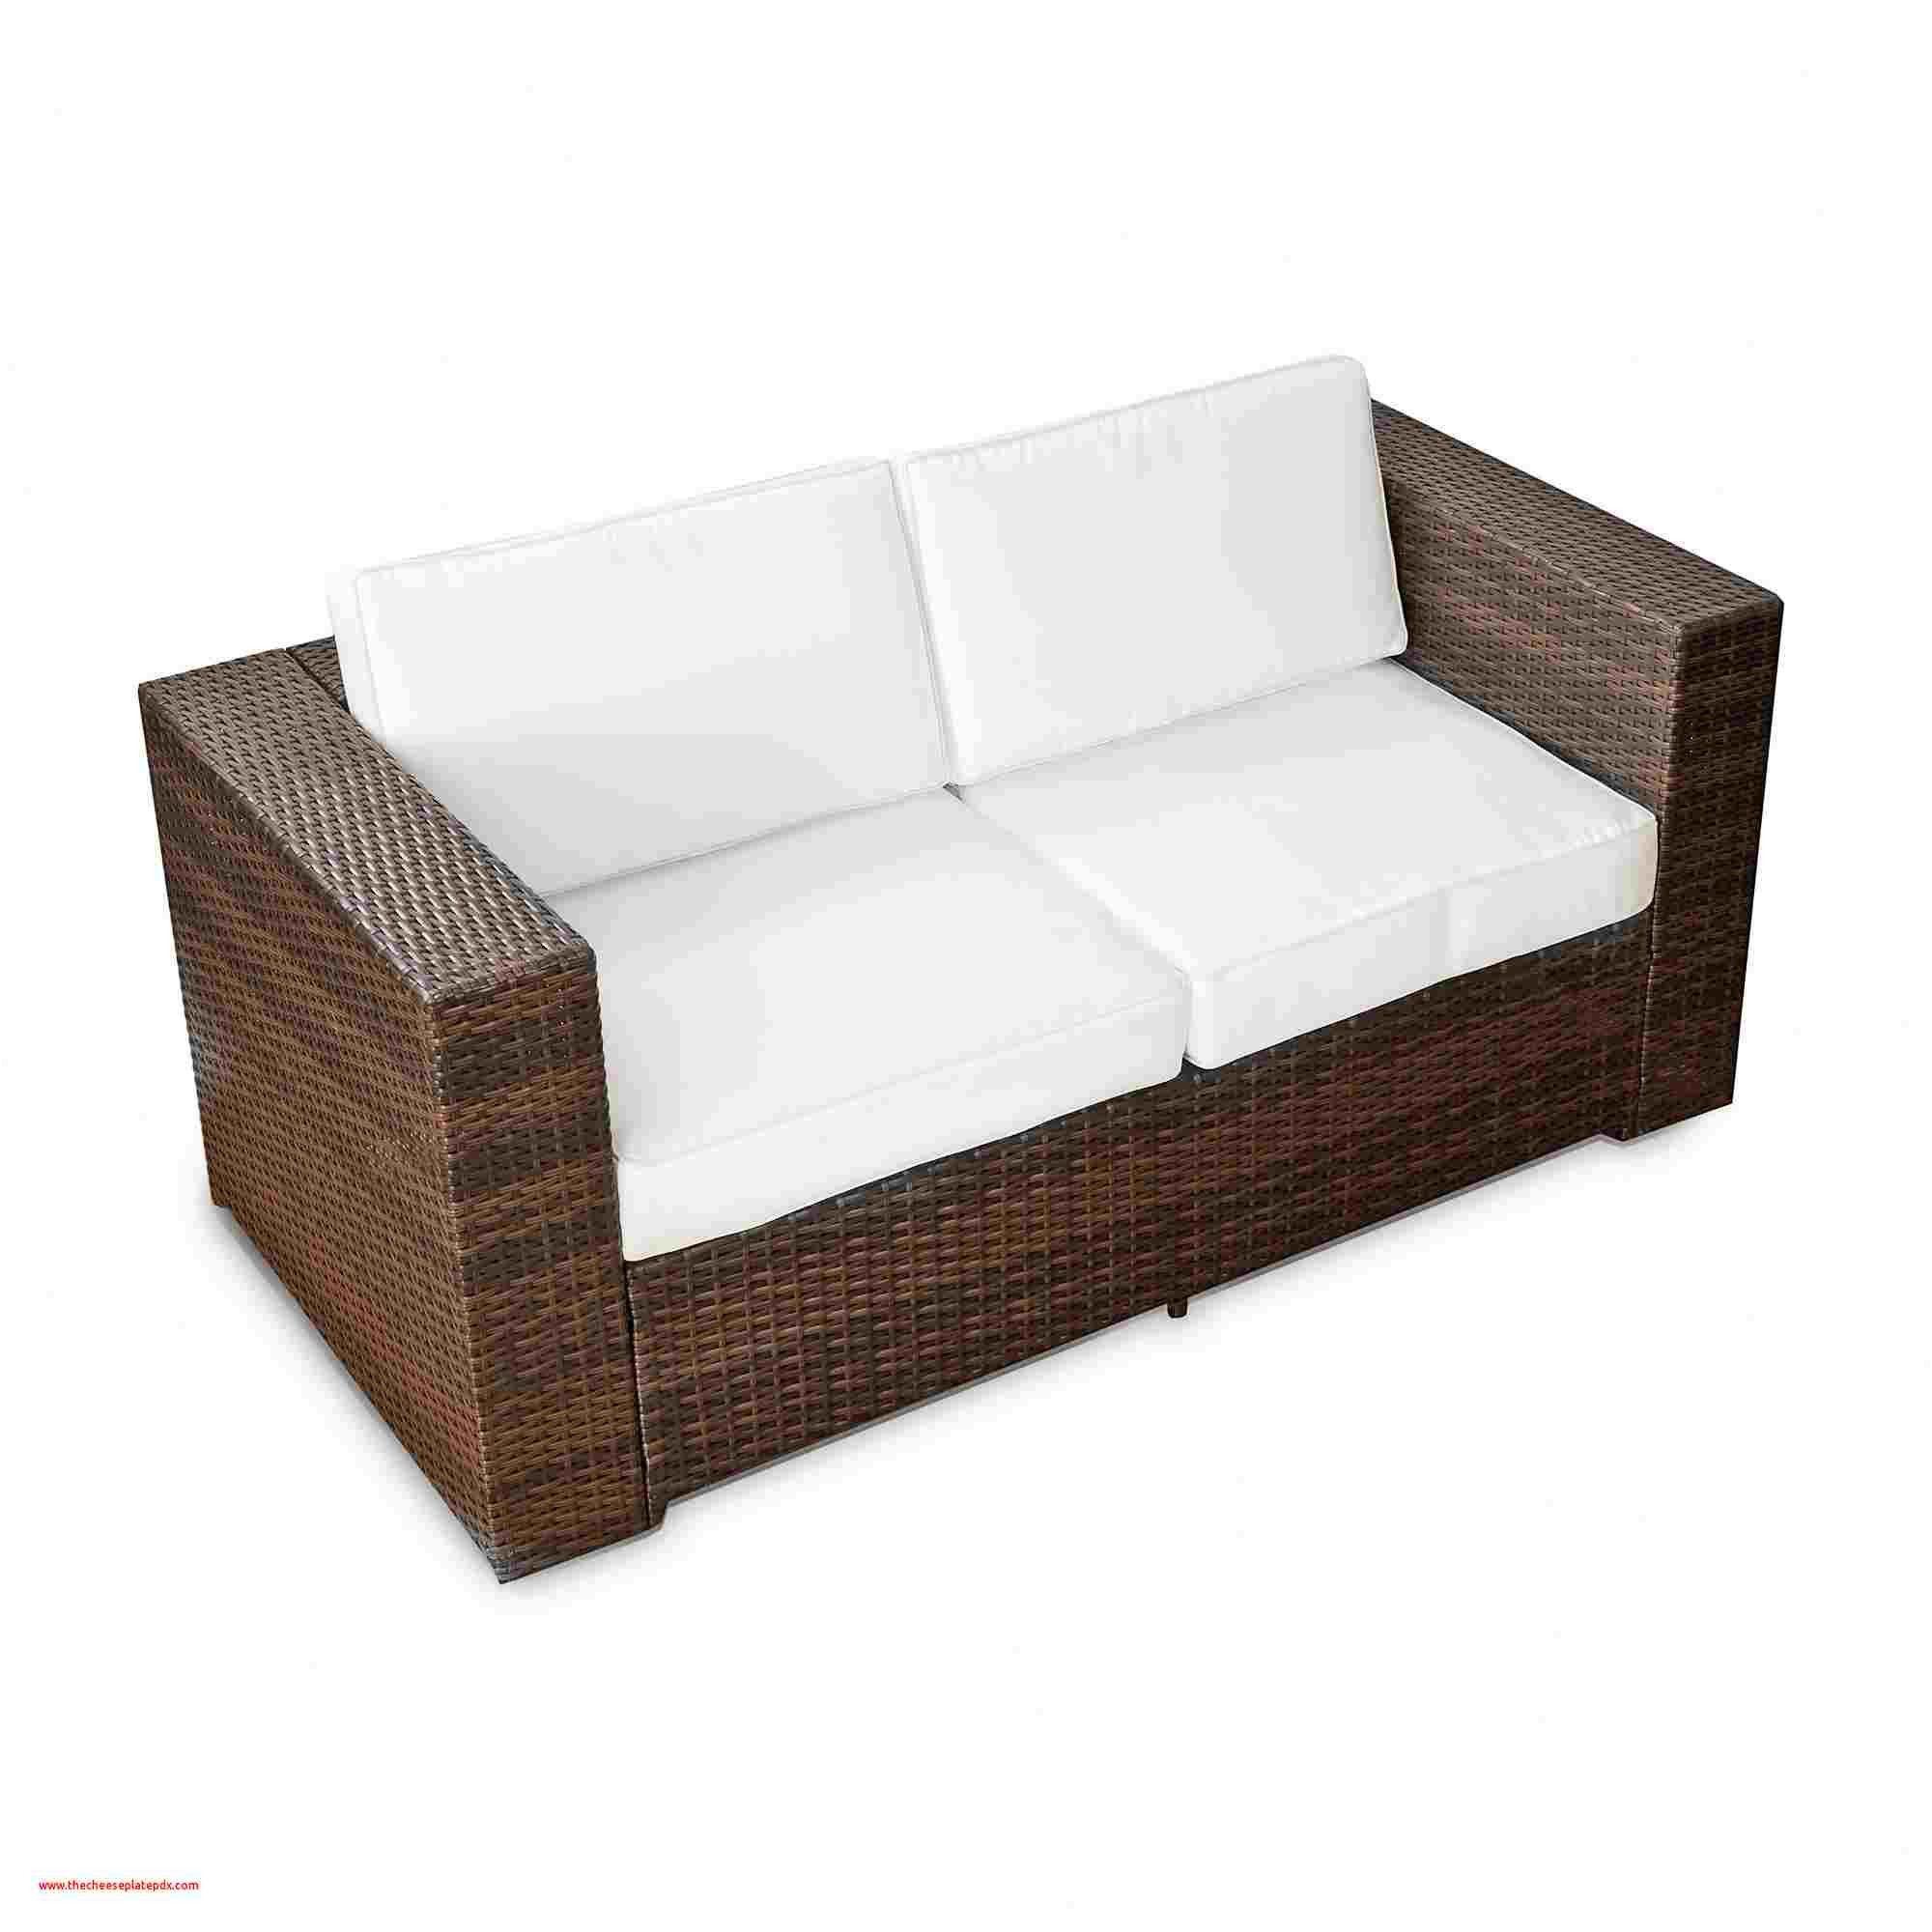 Hubsch Wohnlandschaft Poco Sleeper Sofa Ikea Sofa Solsta Sofa Bed